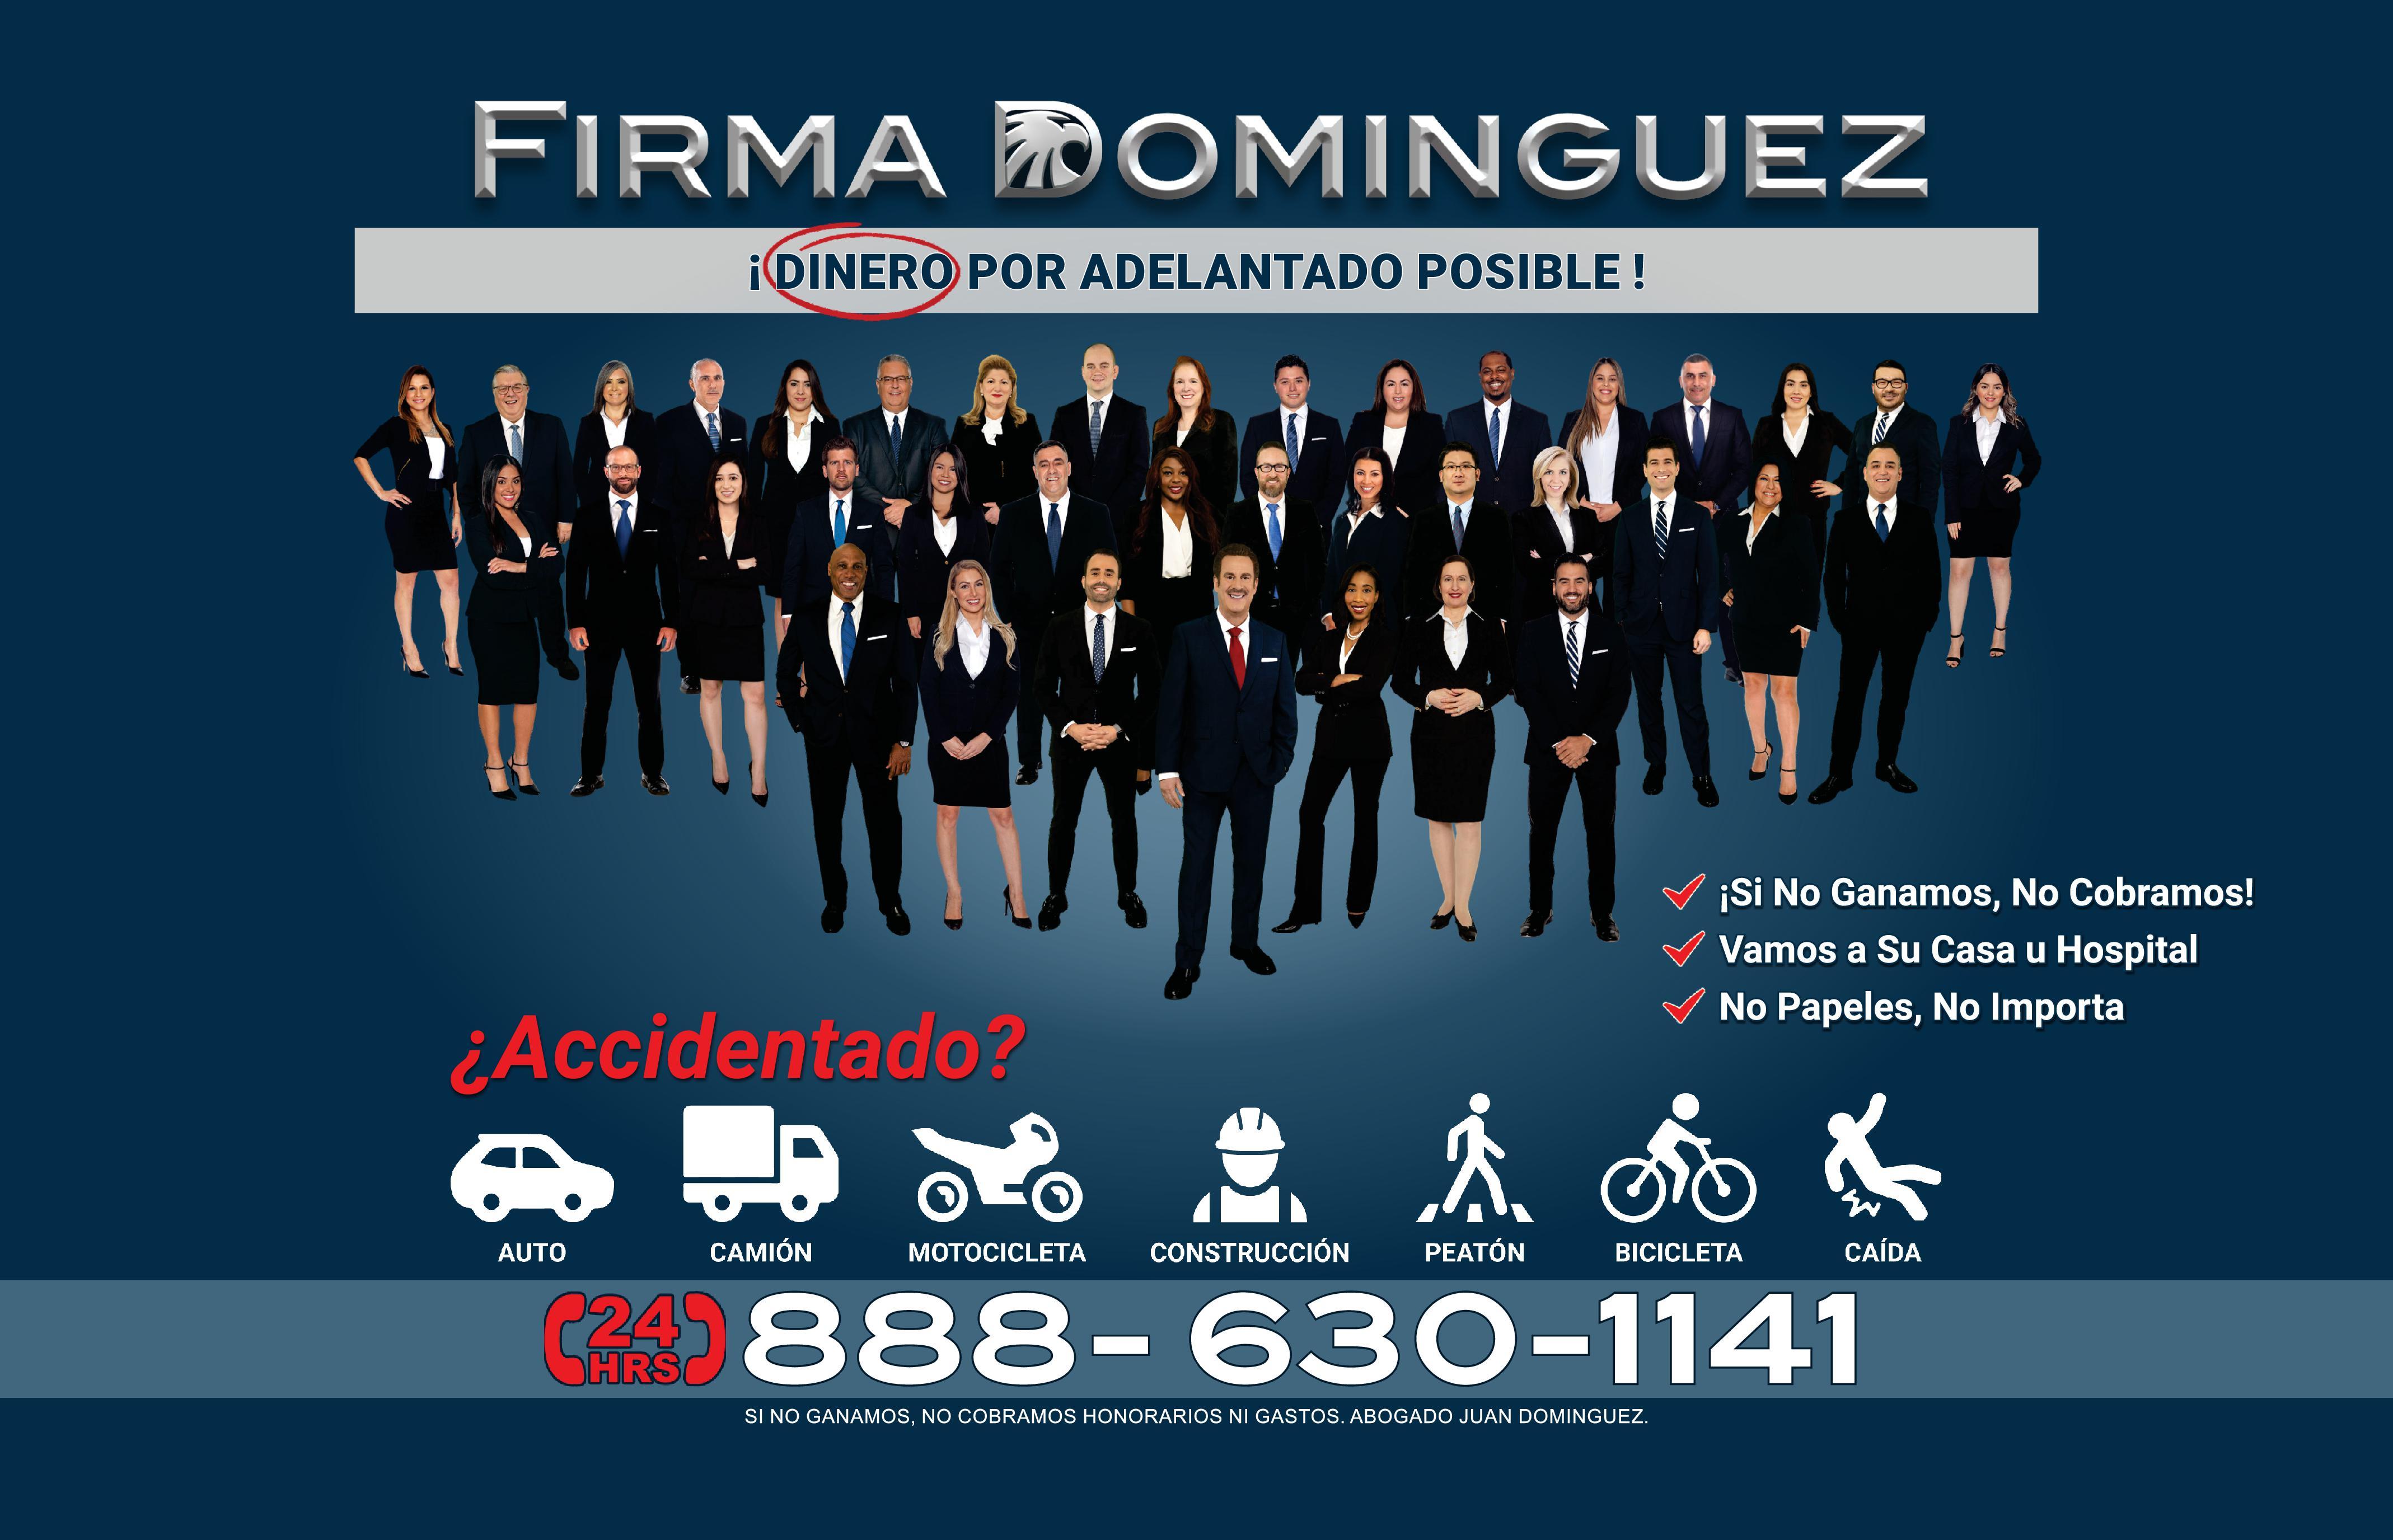 ACCIDENTES FIRMA DOMINGUEZ